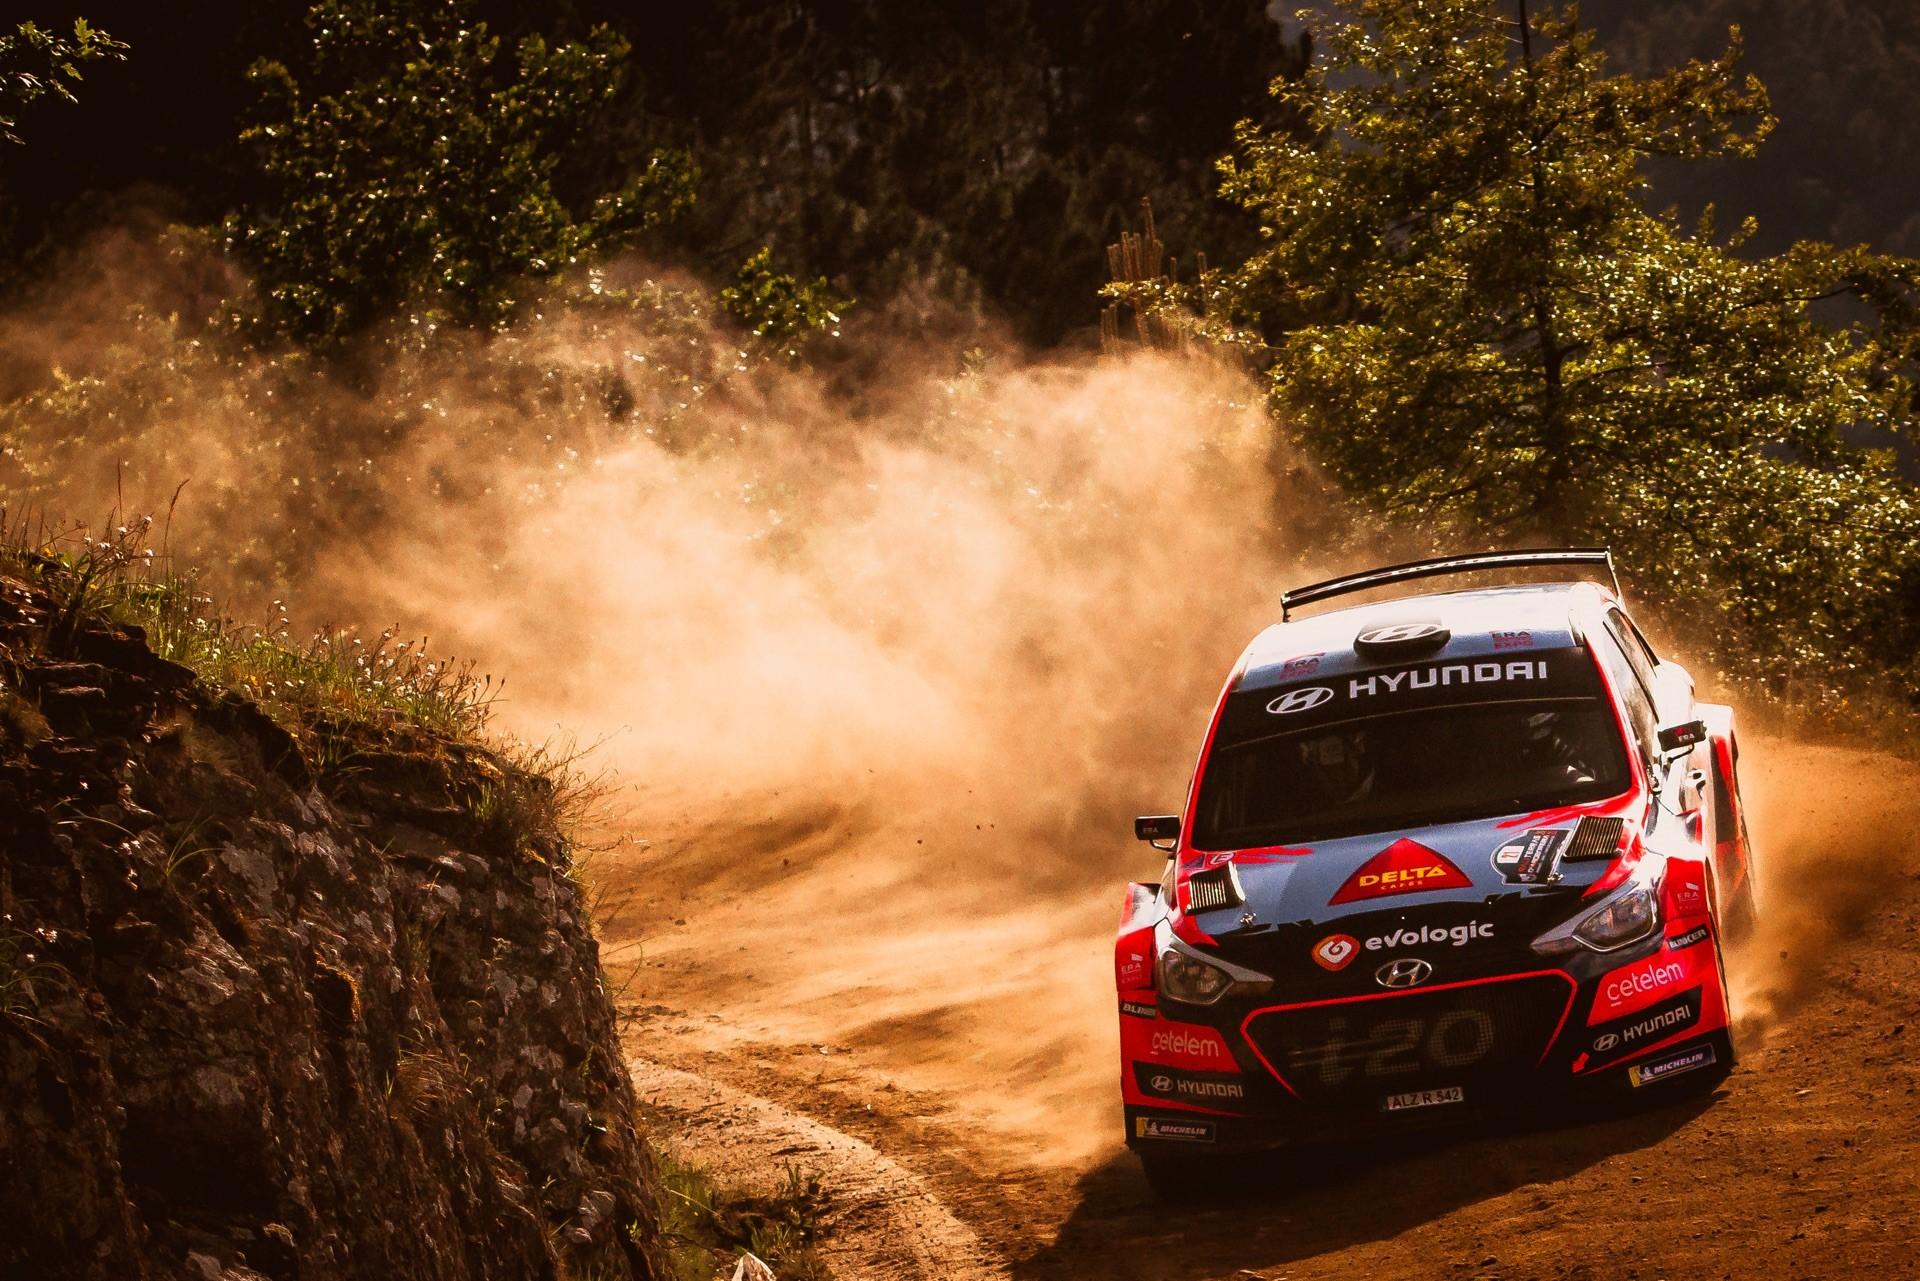 Team Hyundai Portugal arranca o Campeonato de Portugal de Ralis com ambição